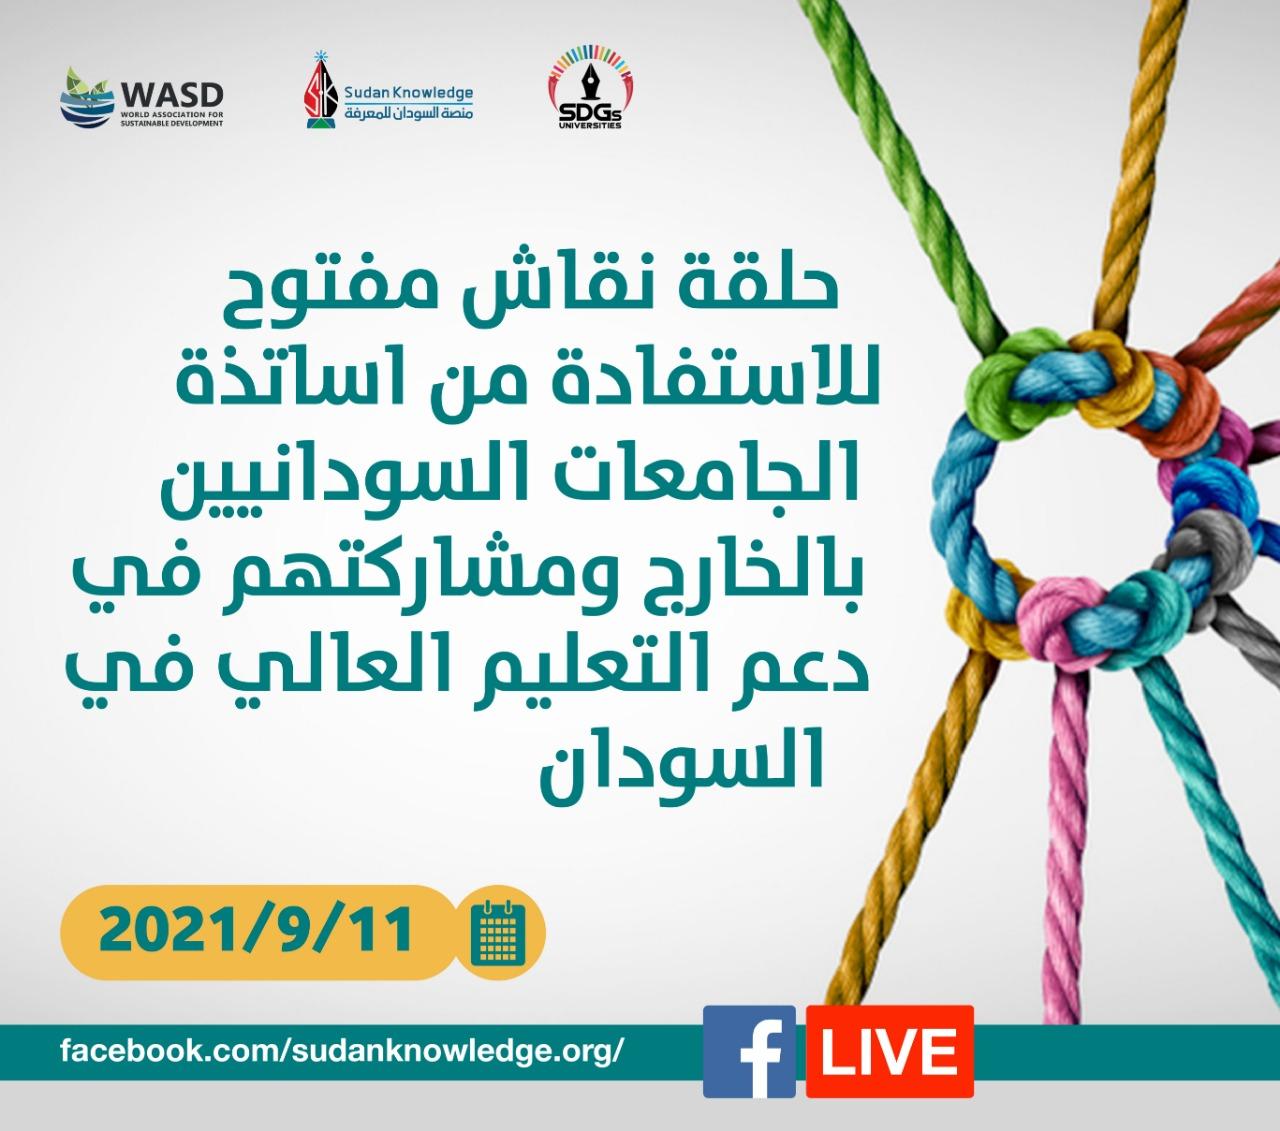 حلقة نقاش مفتوح للاستفادة من اساتذة الجامعات السودانيين بالخارج ومشاركتهم في دعم التعليم العالي في السودان